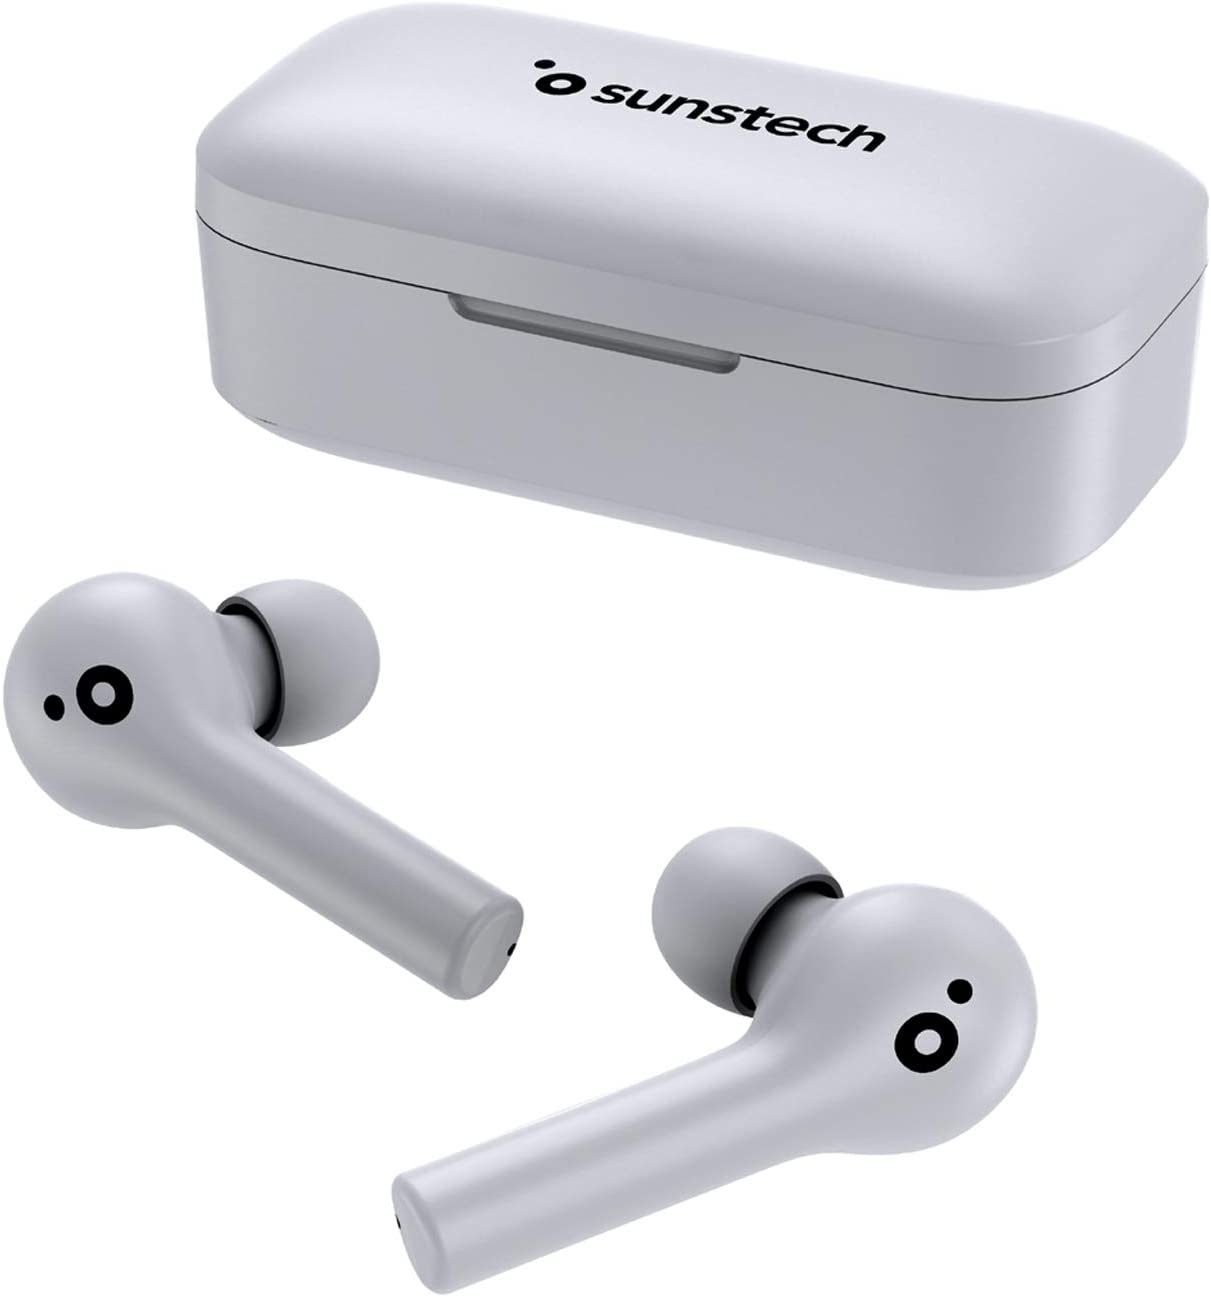 Sunstech WAVEPODS Touch Auriculares TWS True Wireless Stereo Inalámbricos Bluetooth BT V5.0 IPX5 Resistentes al Agua Táctiles Multifunción Estuche de Carga 650mAh Blanco